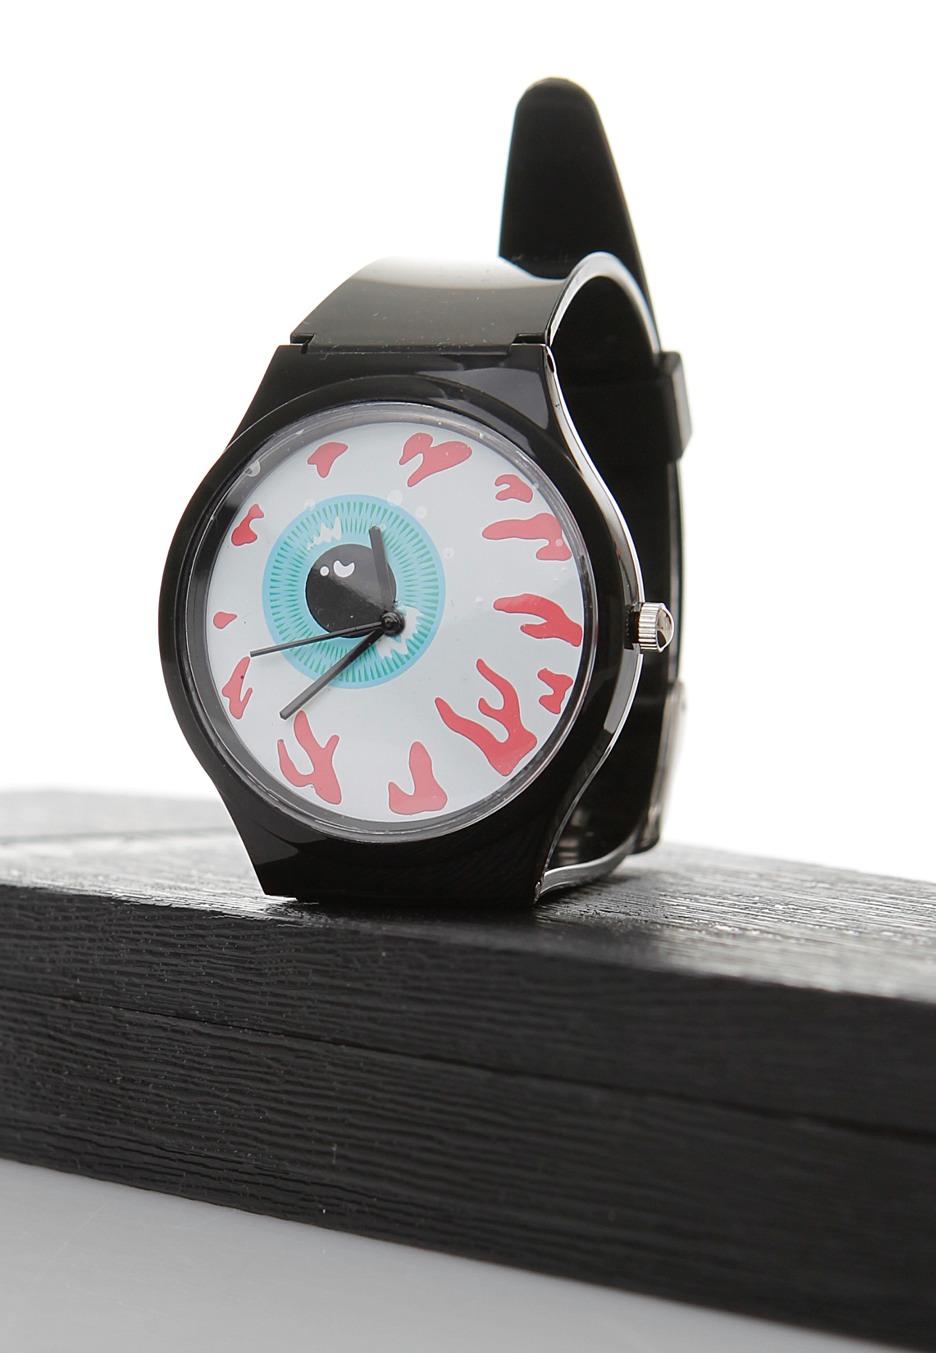 Mishka - Keep Watch - Watch - Streetwear Shop - Impericon ...